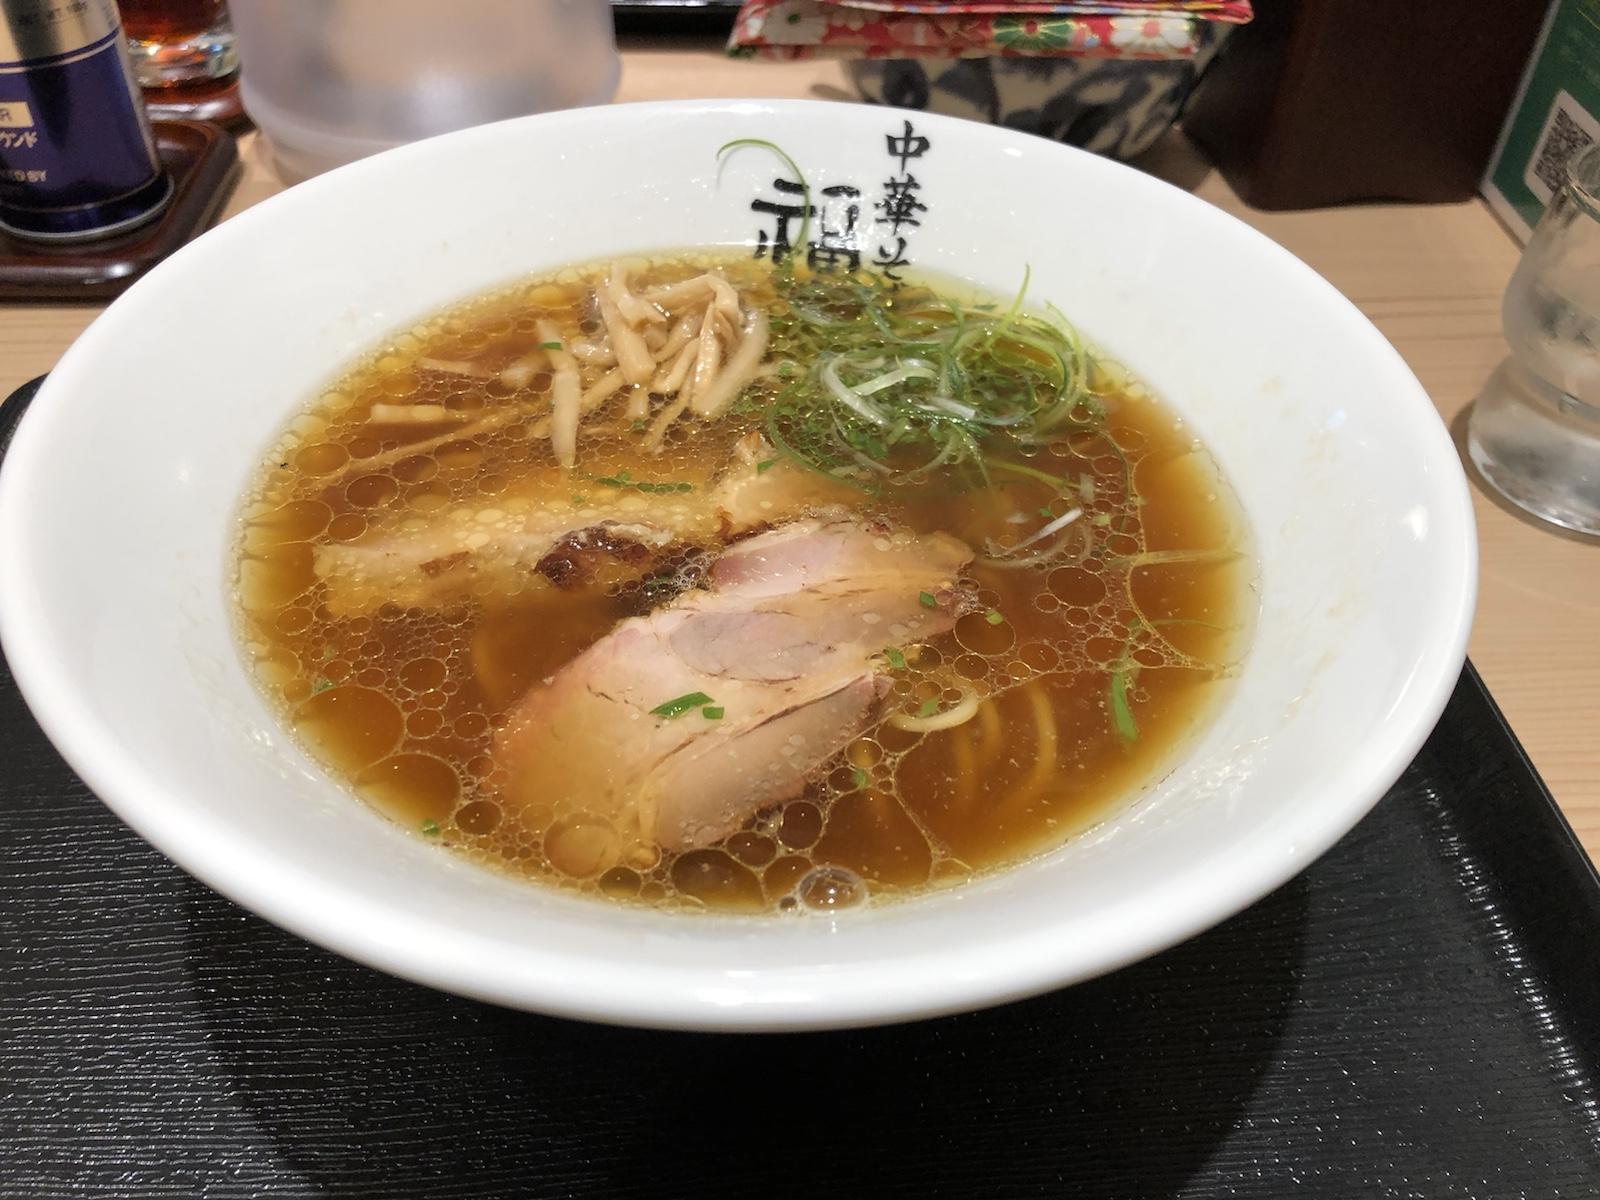 東京駅KITTE「ラーメン激戦区」初訪問!こだわりの鶏清湯「中華そば 福味」へ